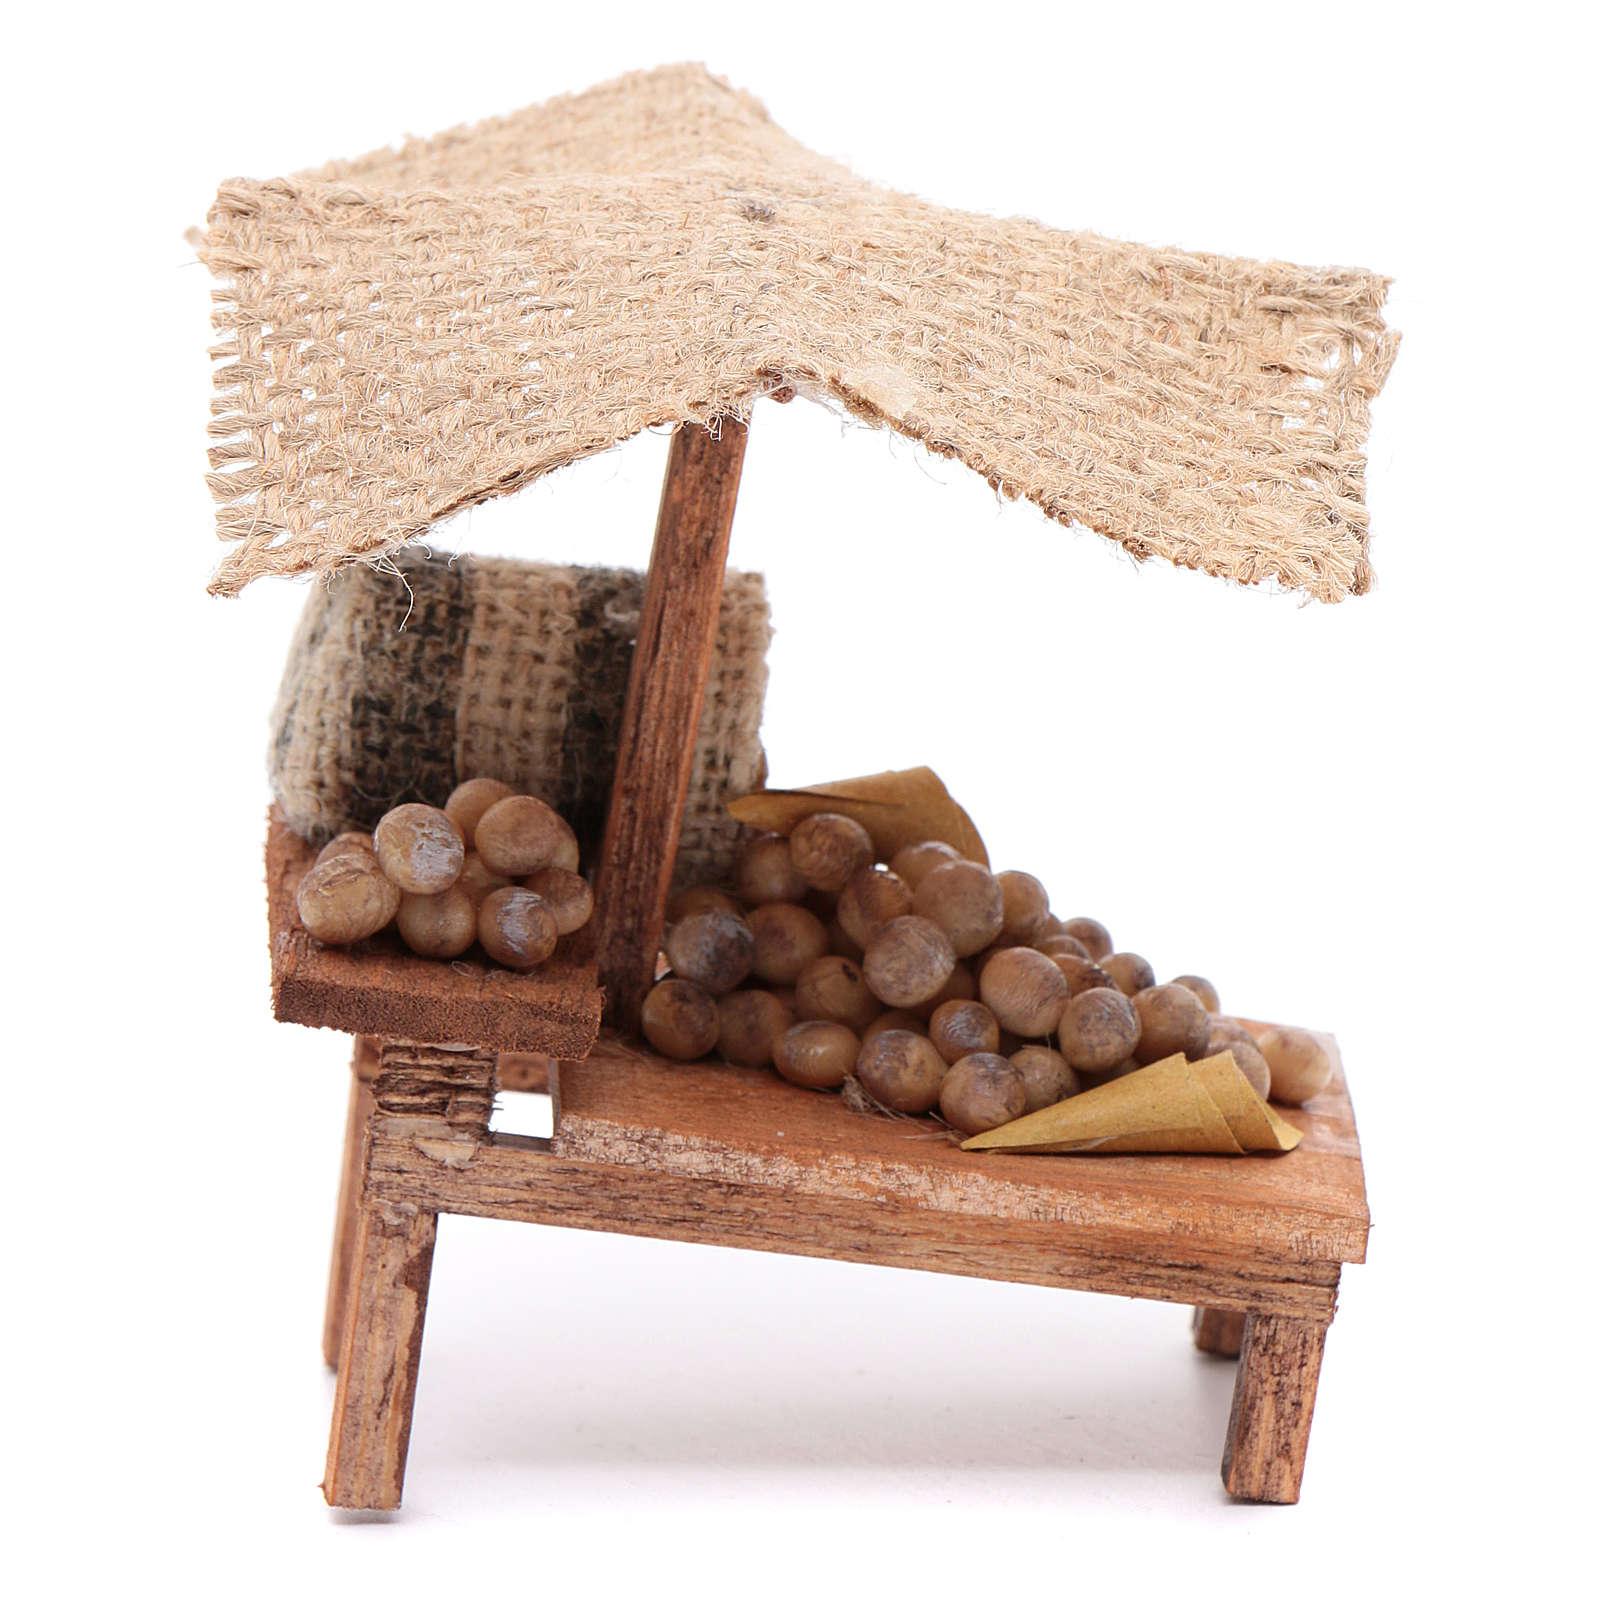 Stoisko ziemniaki 10x10x5 cm 4